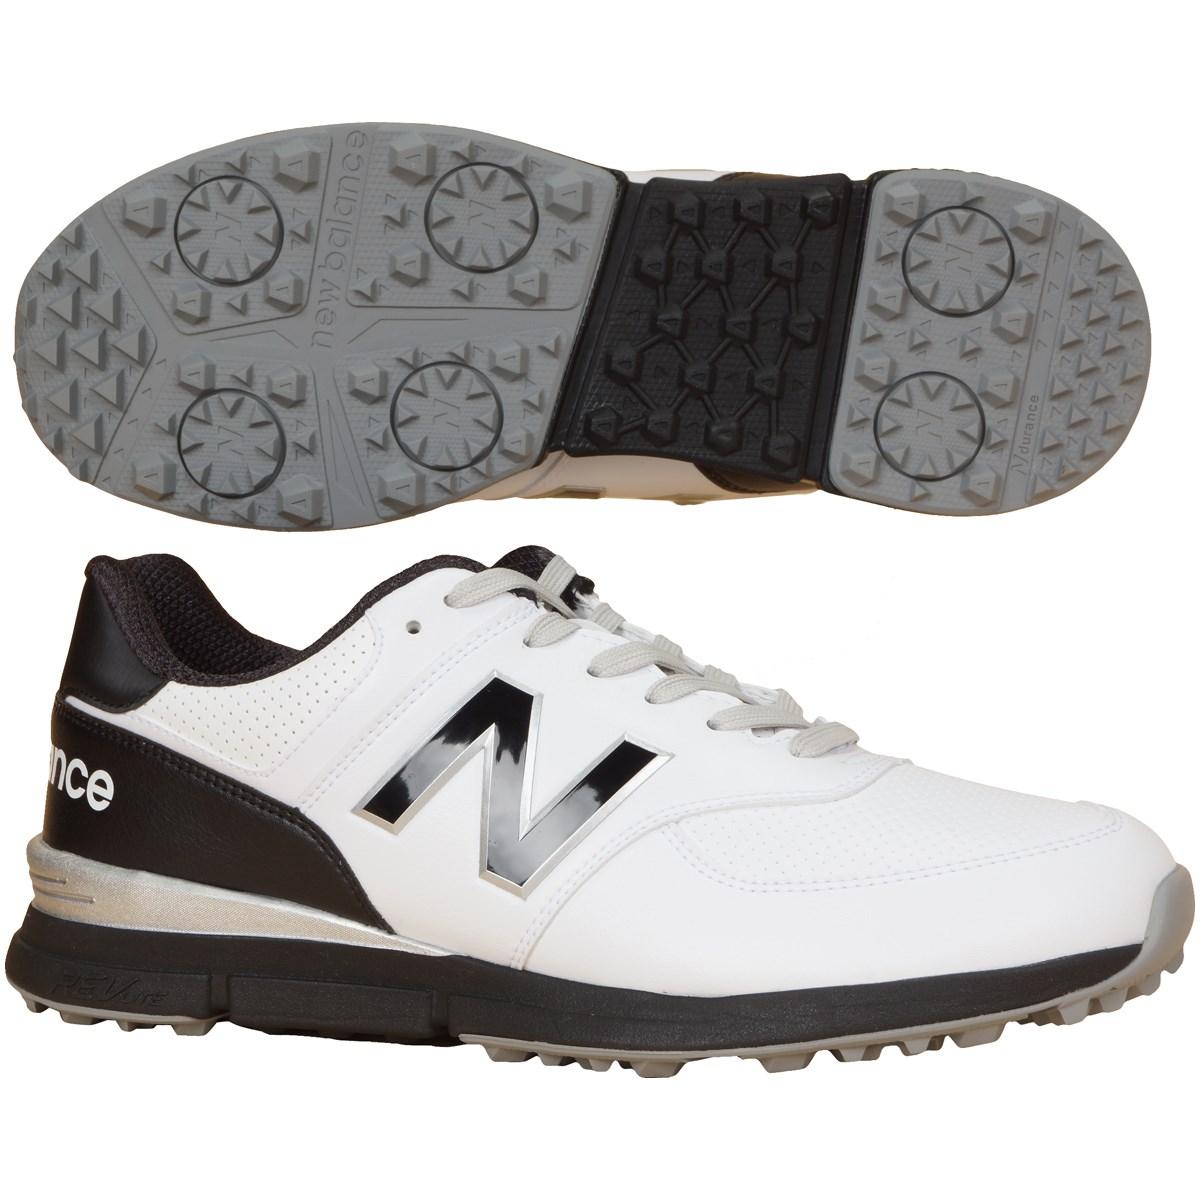 ニューバランス New Balance シューズ MGS57 27cm ホワイト/ブラック